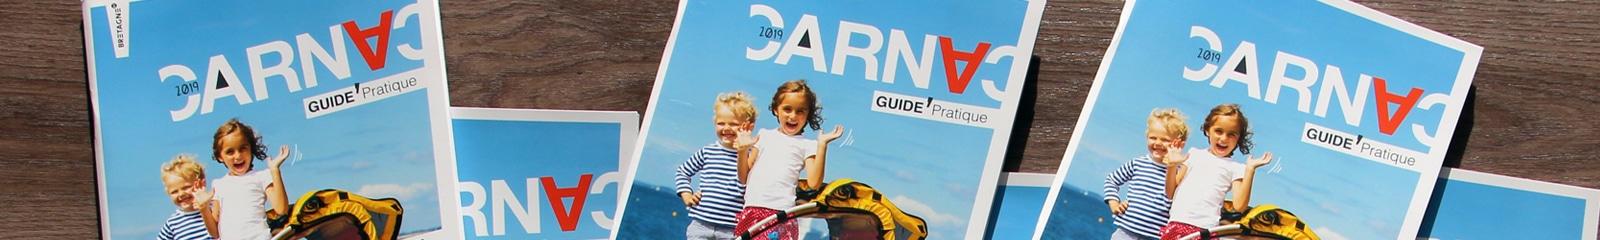 Guide pratique édité par l'OT Carnac